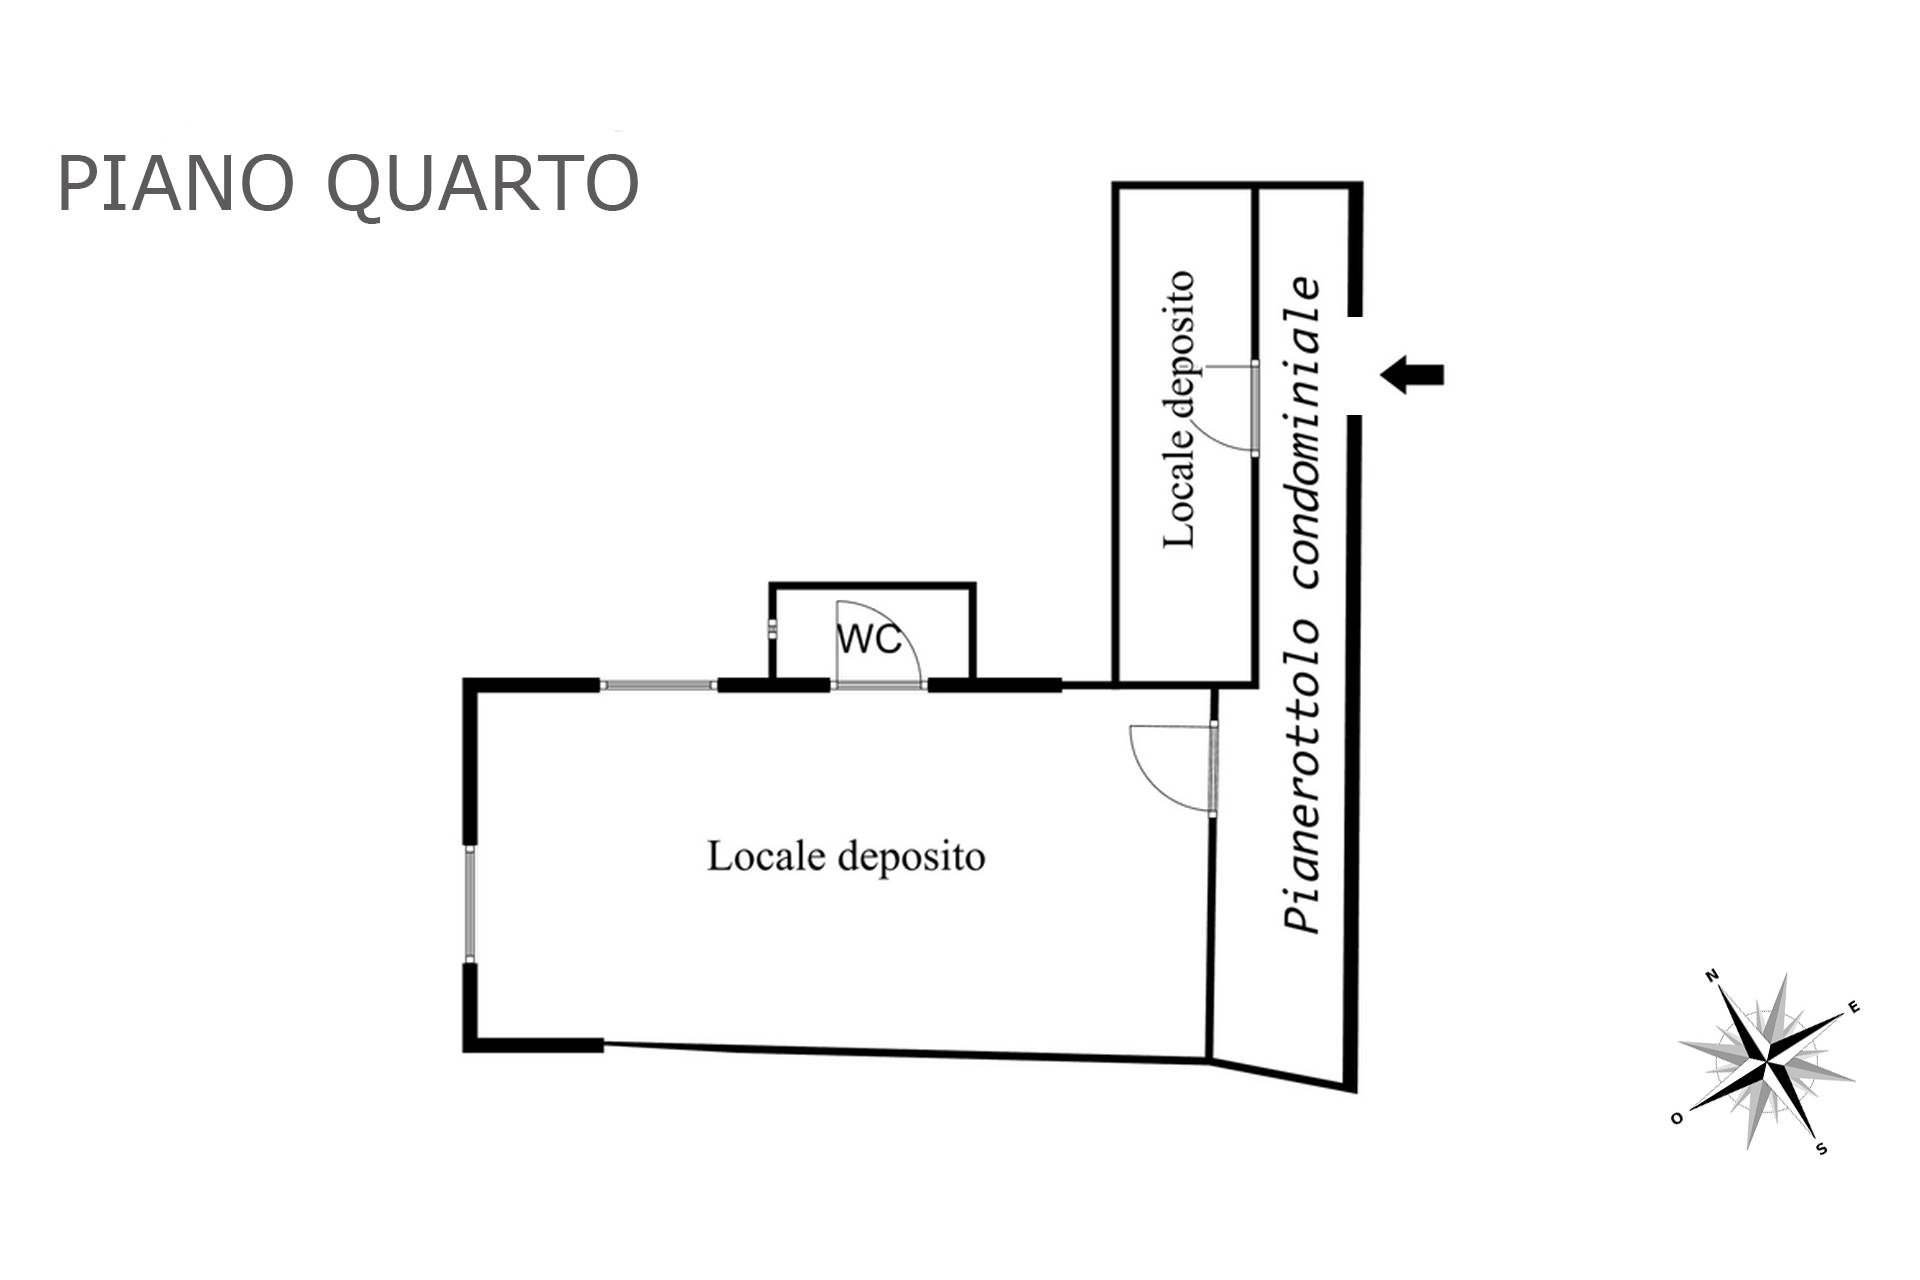 Planimetria piano quarto